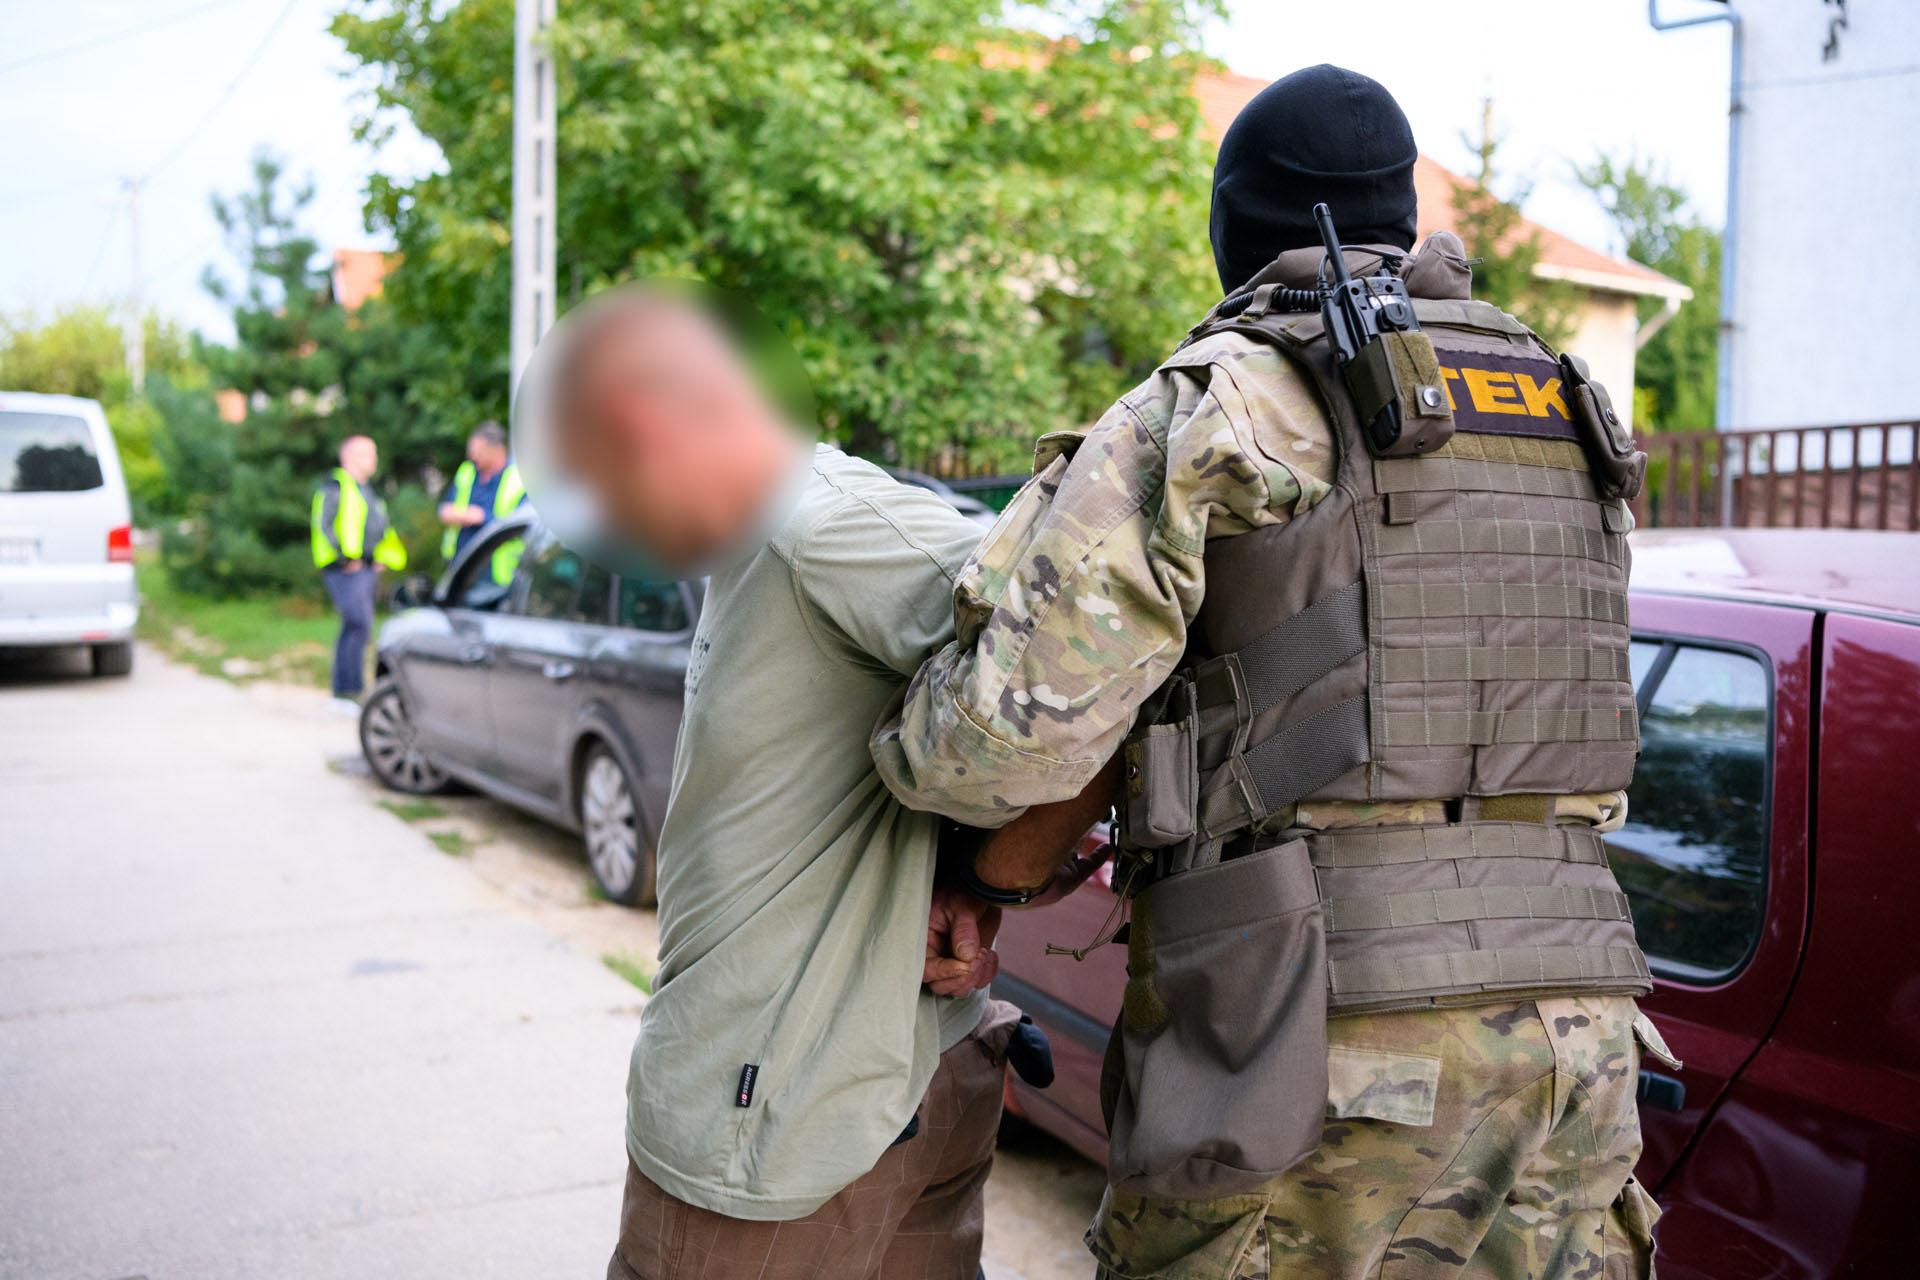 Bűnszövetségben elkövetett kábítószer-kereskedelem a gyanú